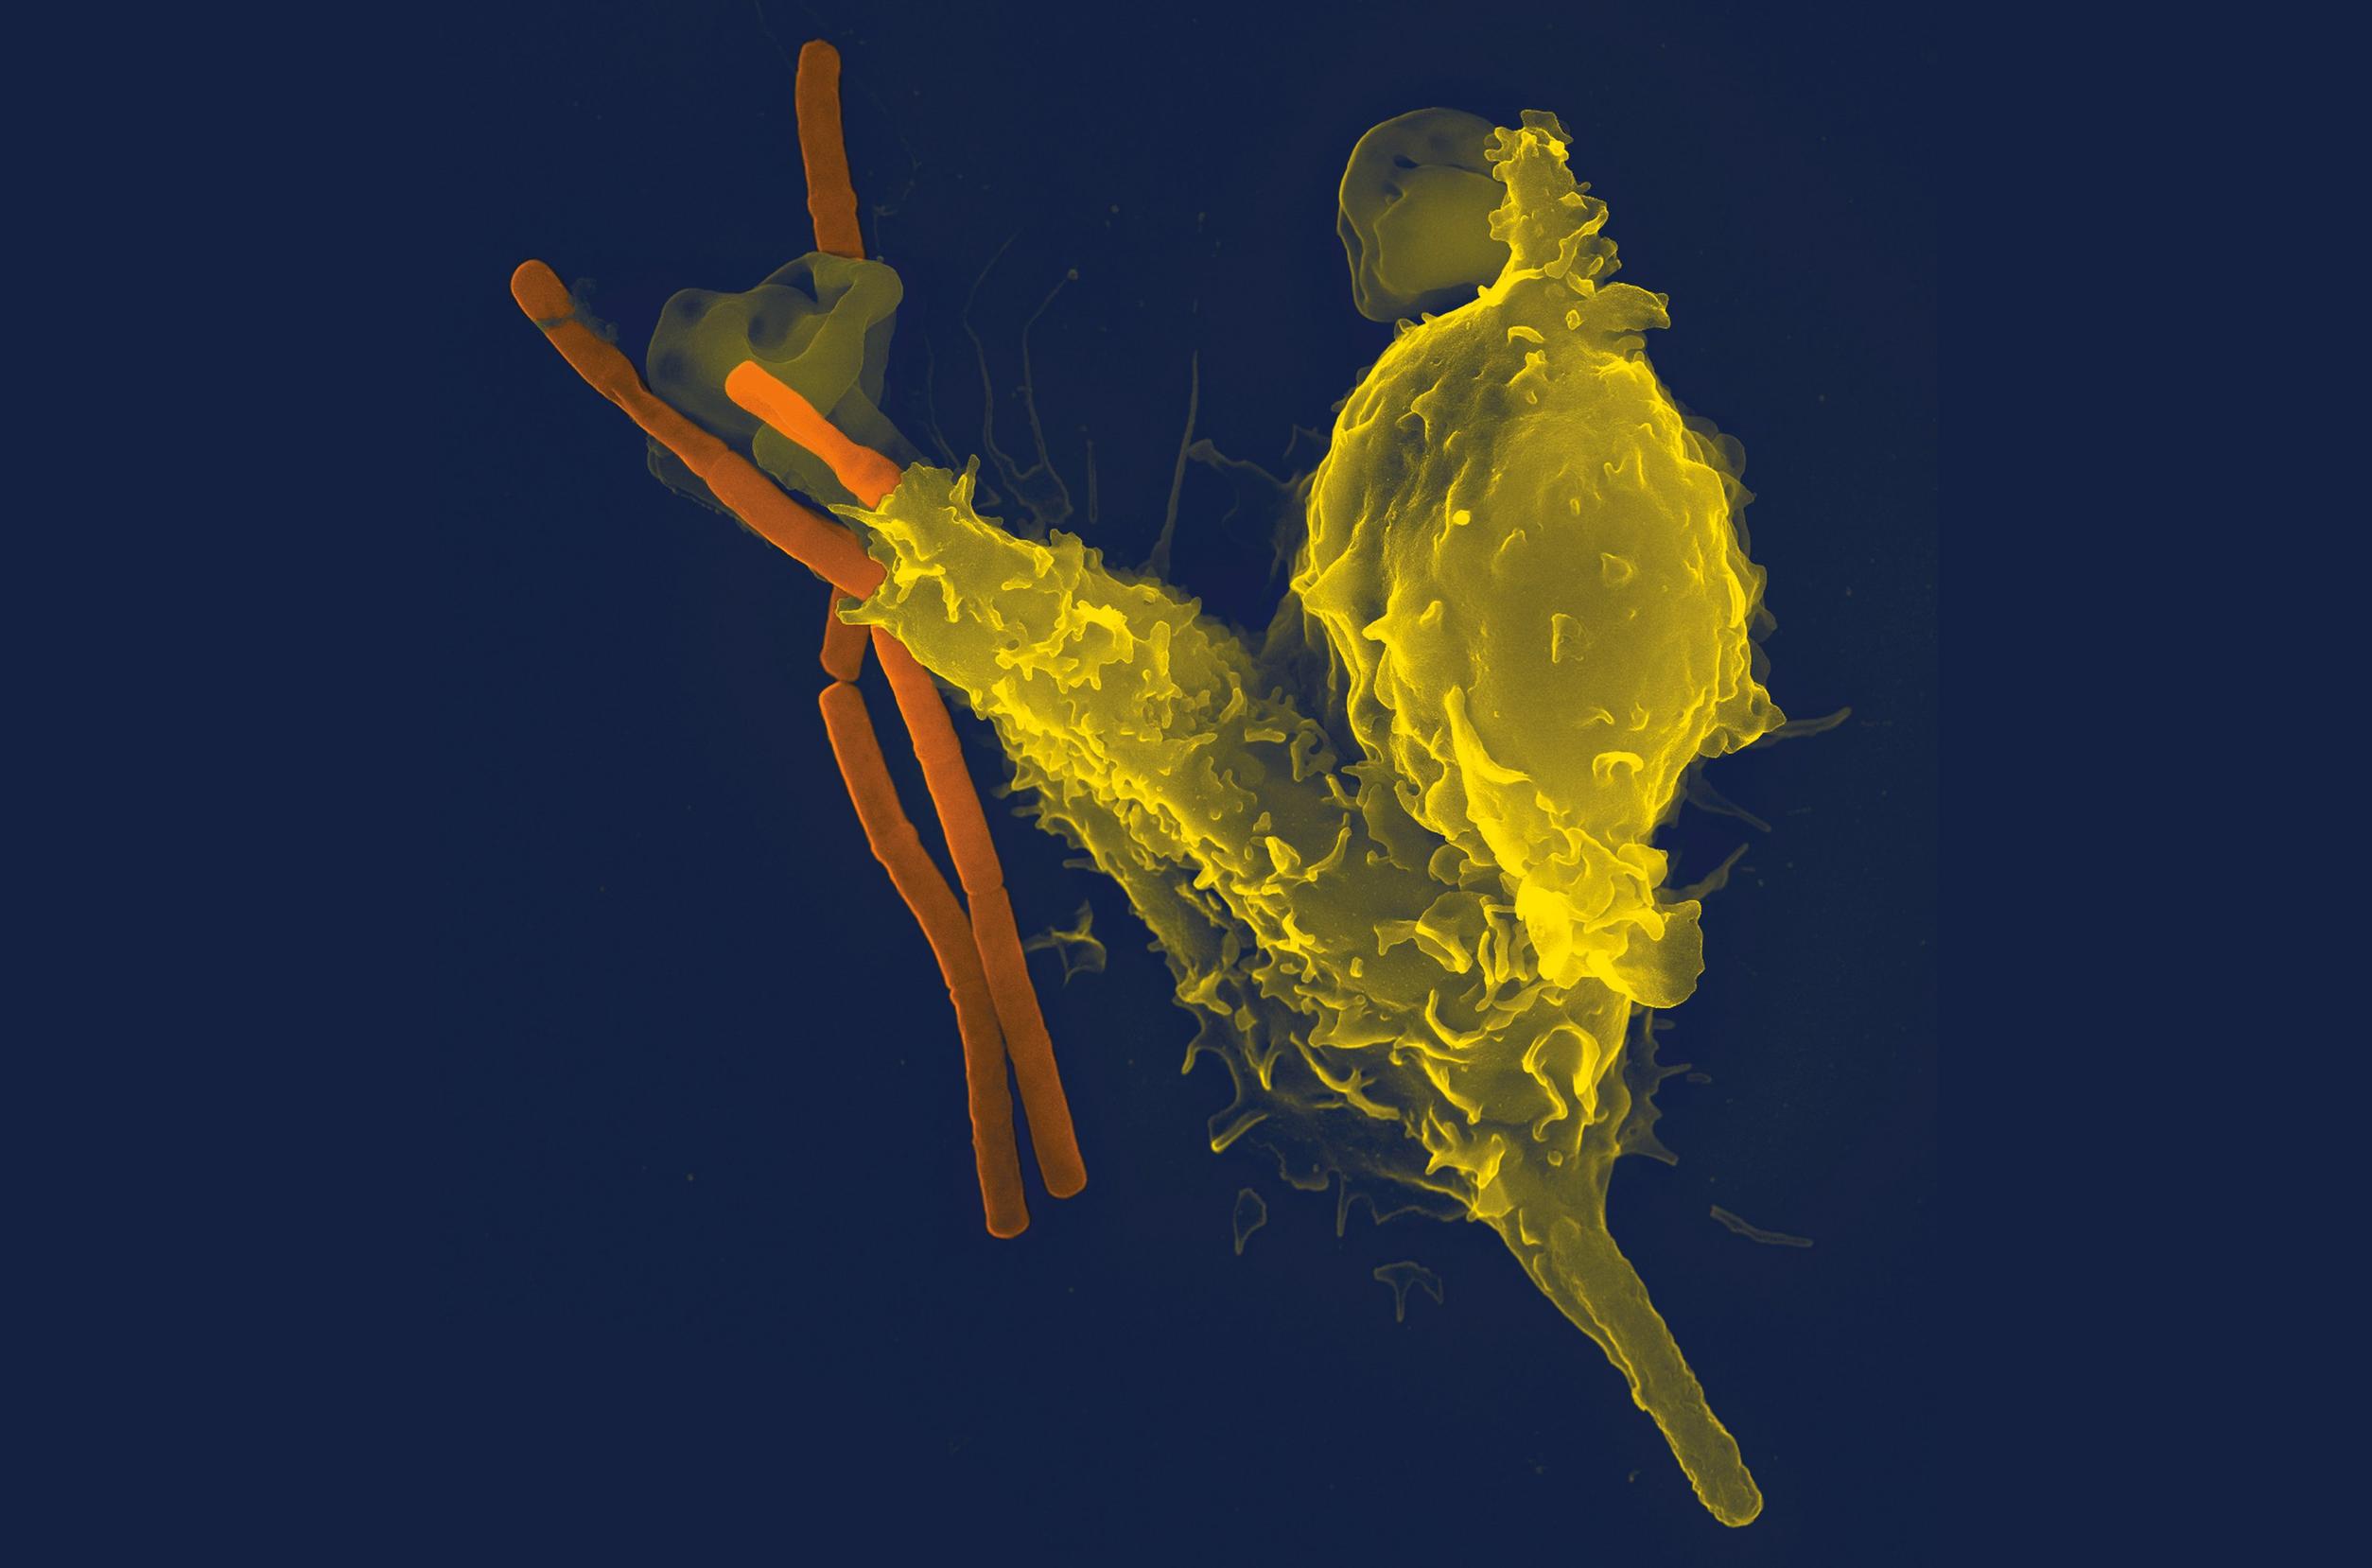 Anthrax versus antigen